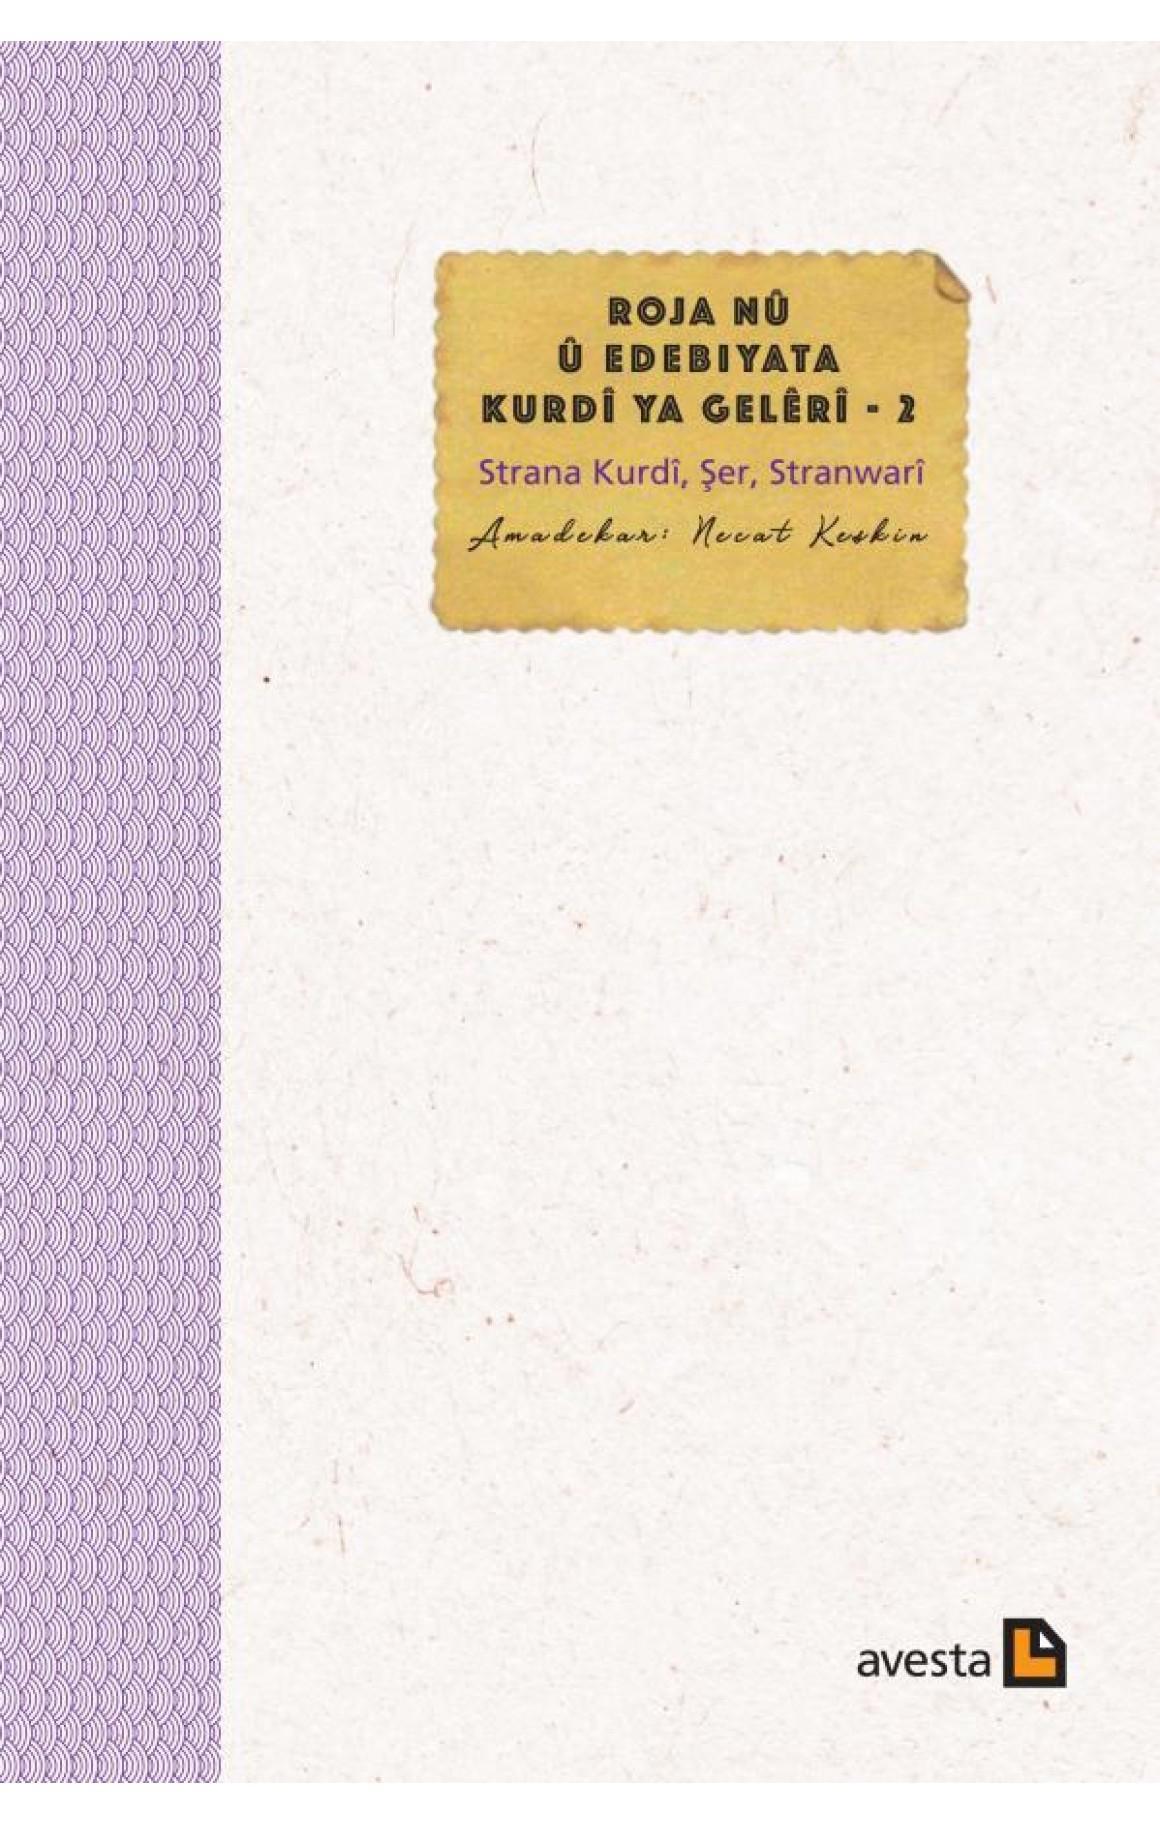 Roja Nû û Edebiyata Kurdî Ya Gelêrî - 2